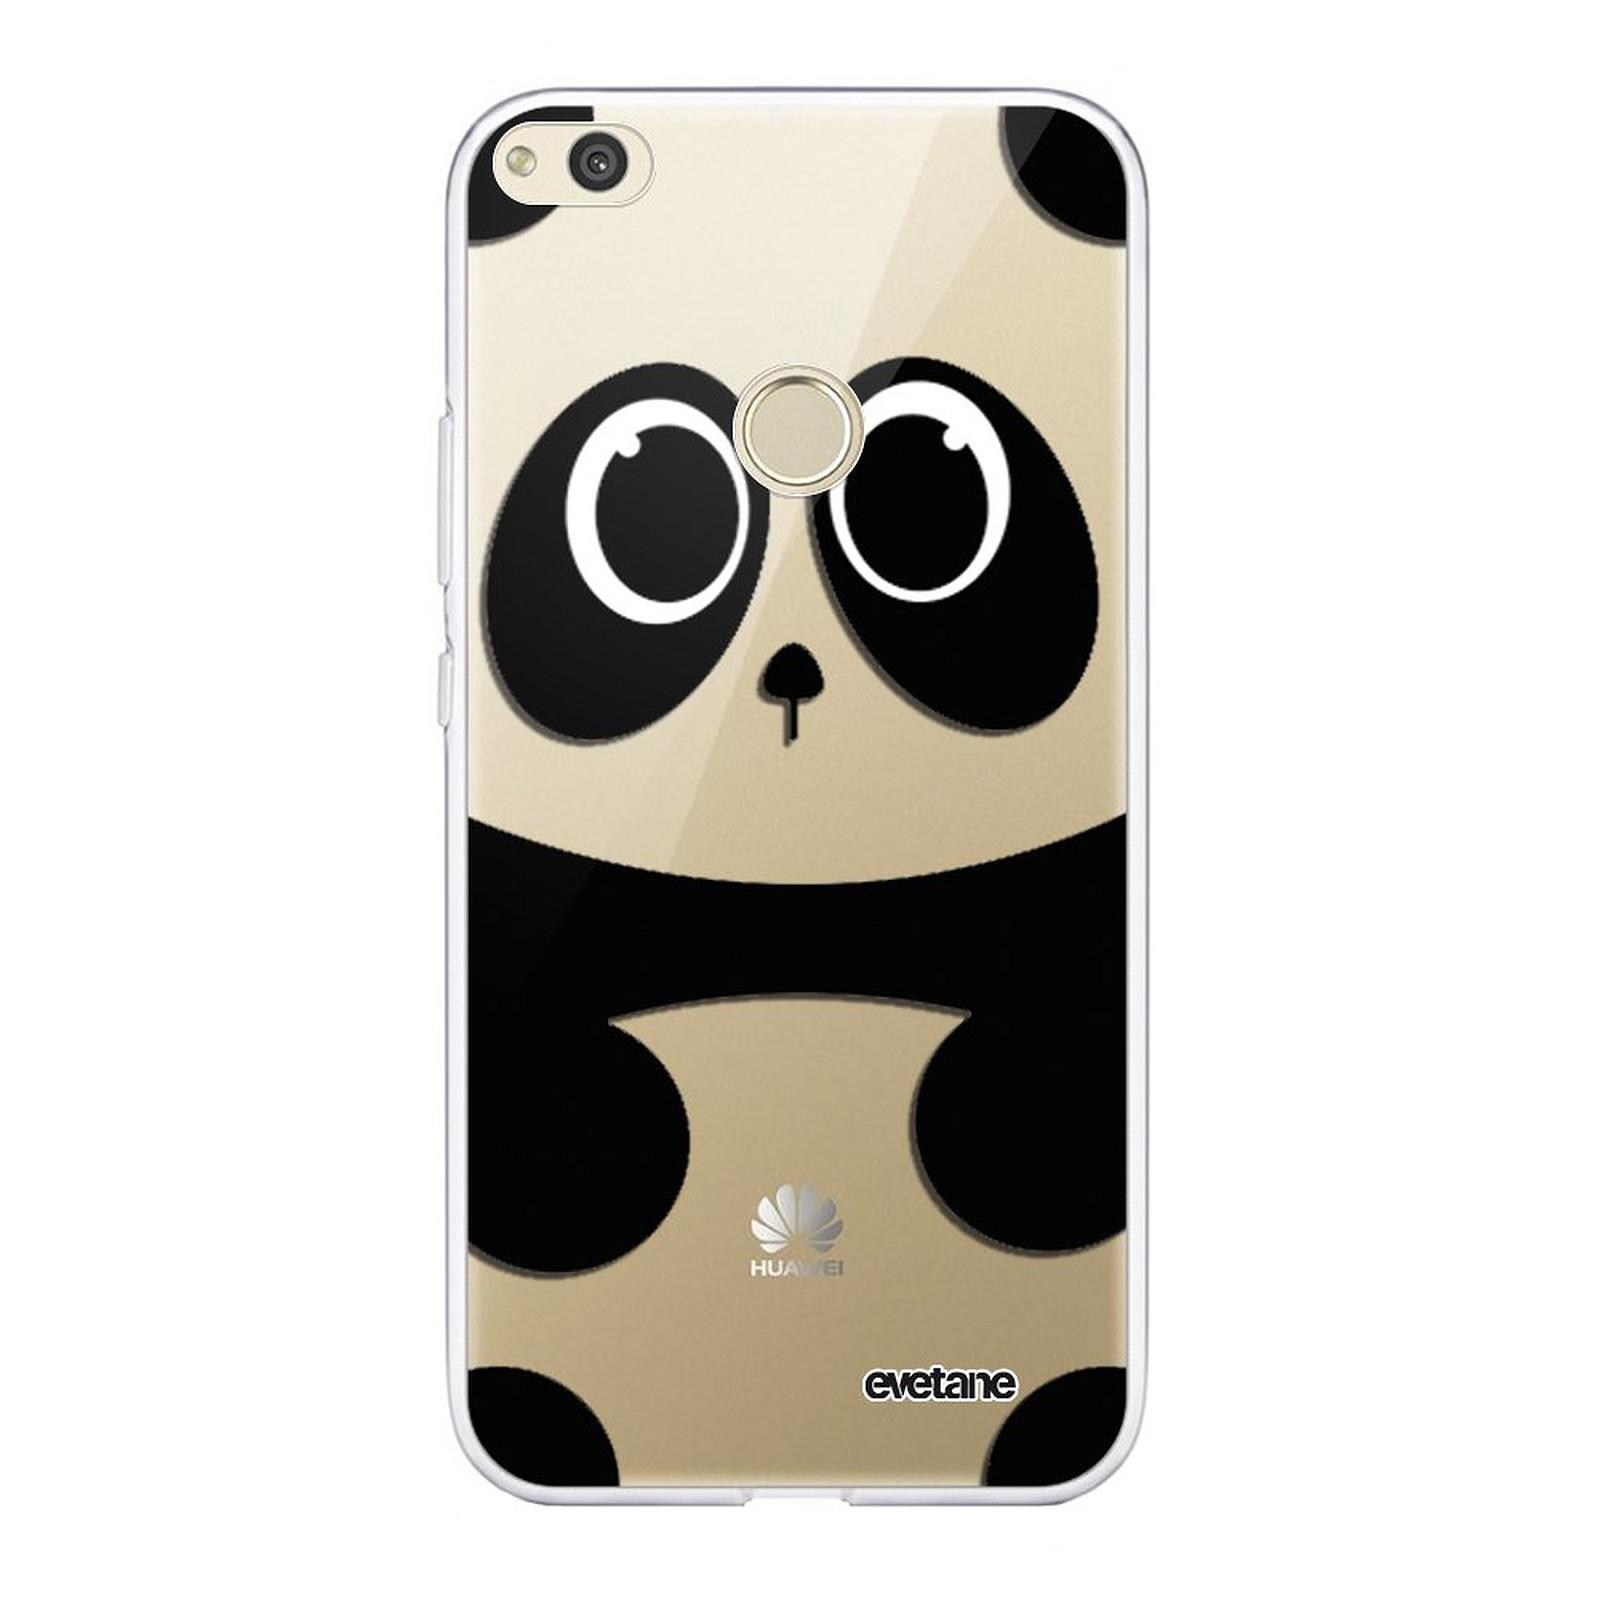 EVETANE Coque Huawei P8 lite 2017 souple transparente Panda - Coque téléphone Evetane sur LDLC